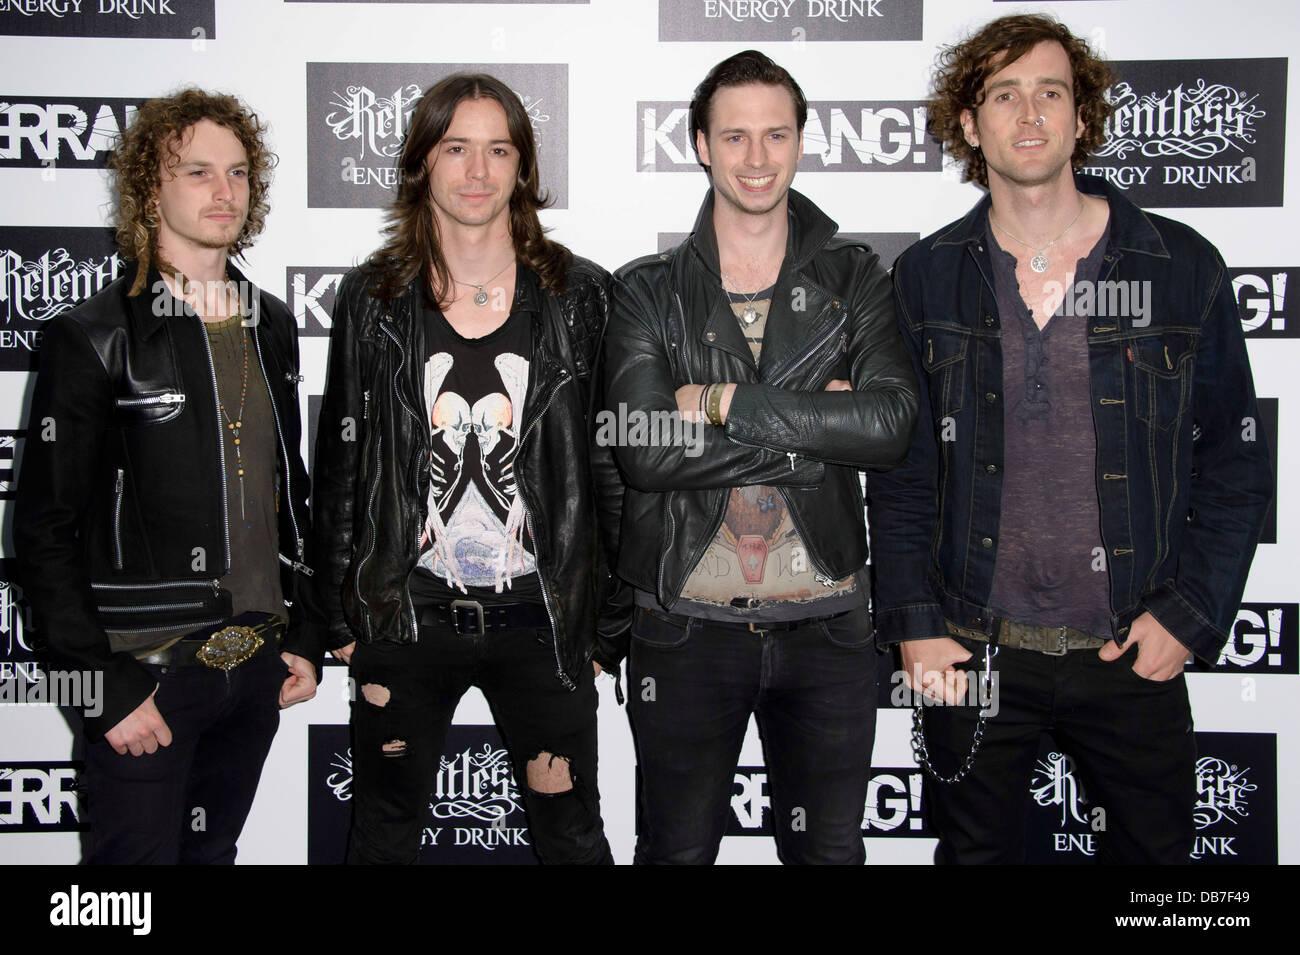 Del Cielo arrivano nel seminterrato di Kerrang! Awards 2013, Londra, Giovedì, Giugno. 13, 2013. Immagini Stock